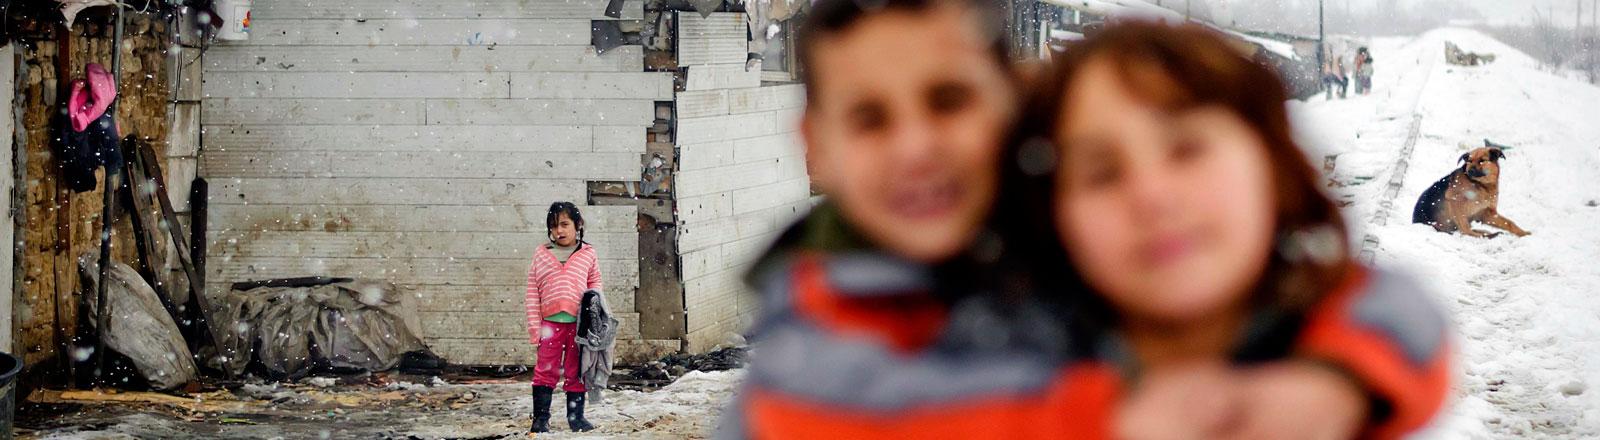 Rumänische Romakinder in einem Slum